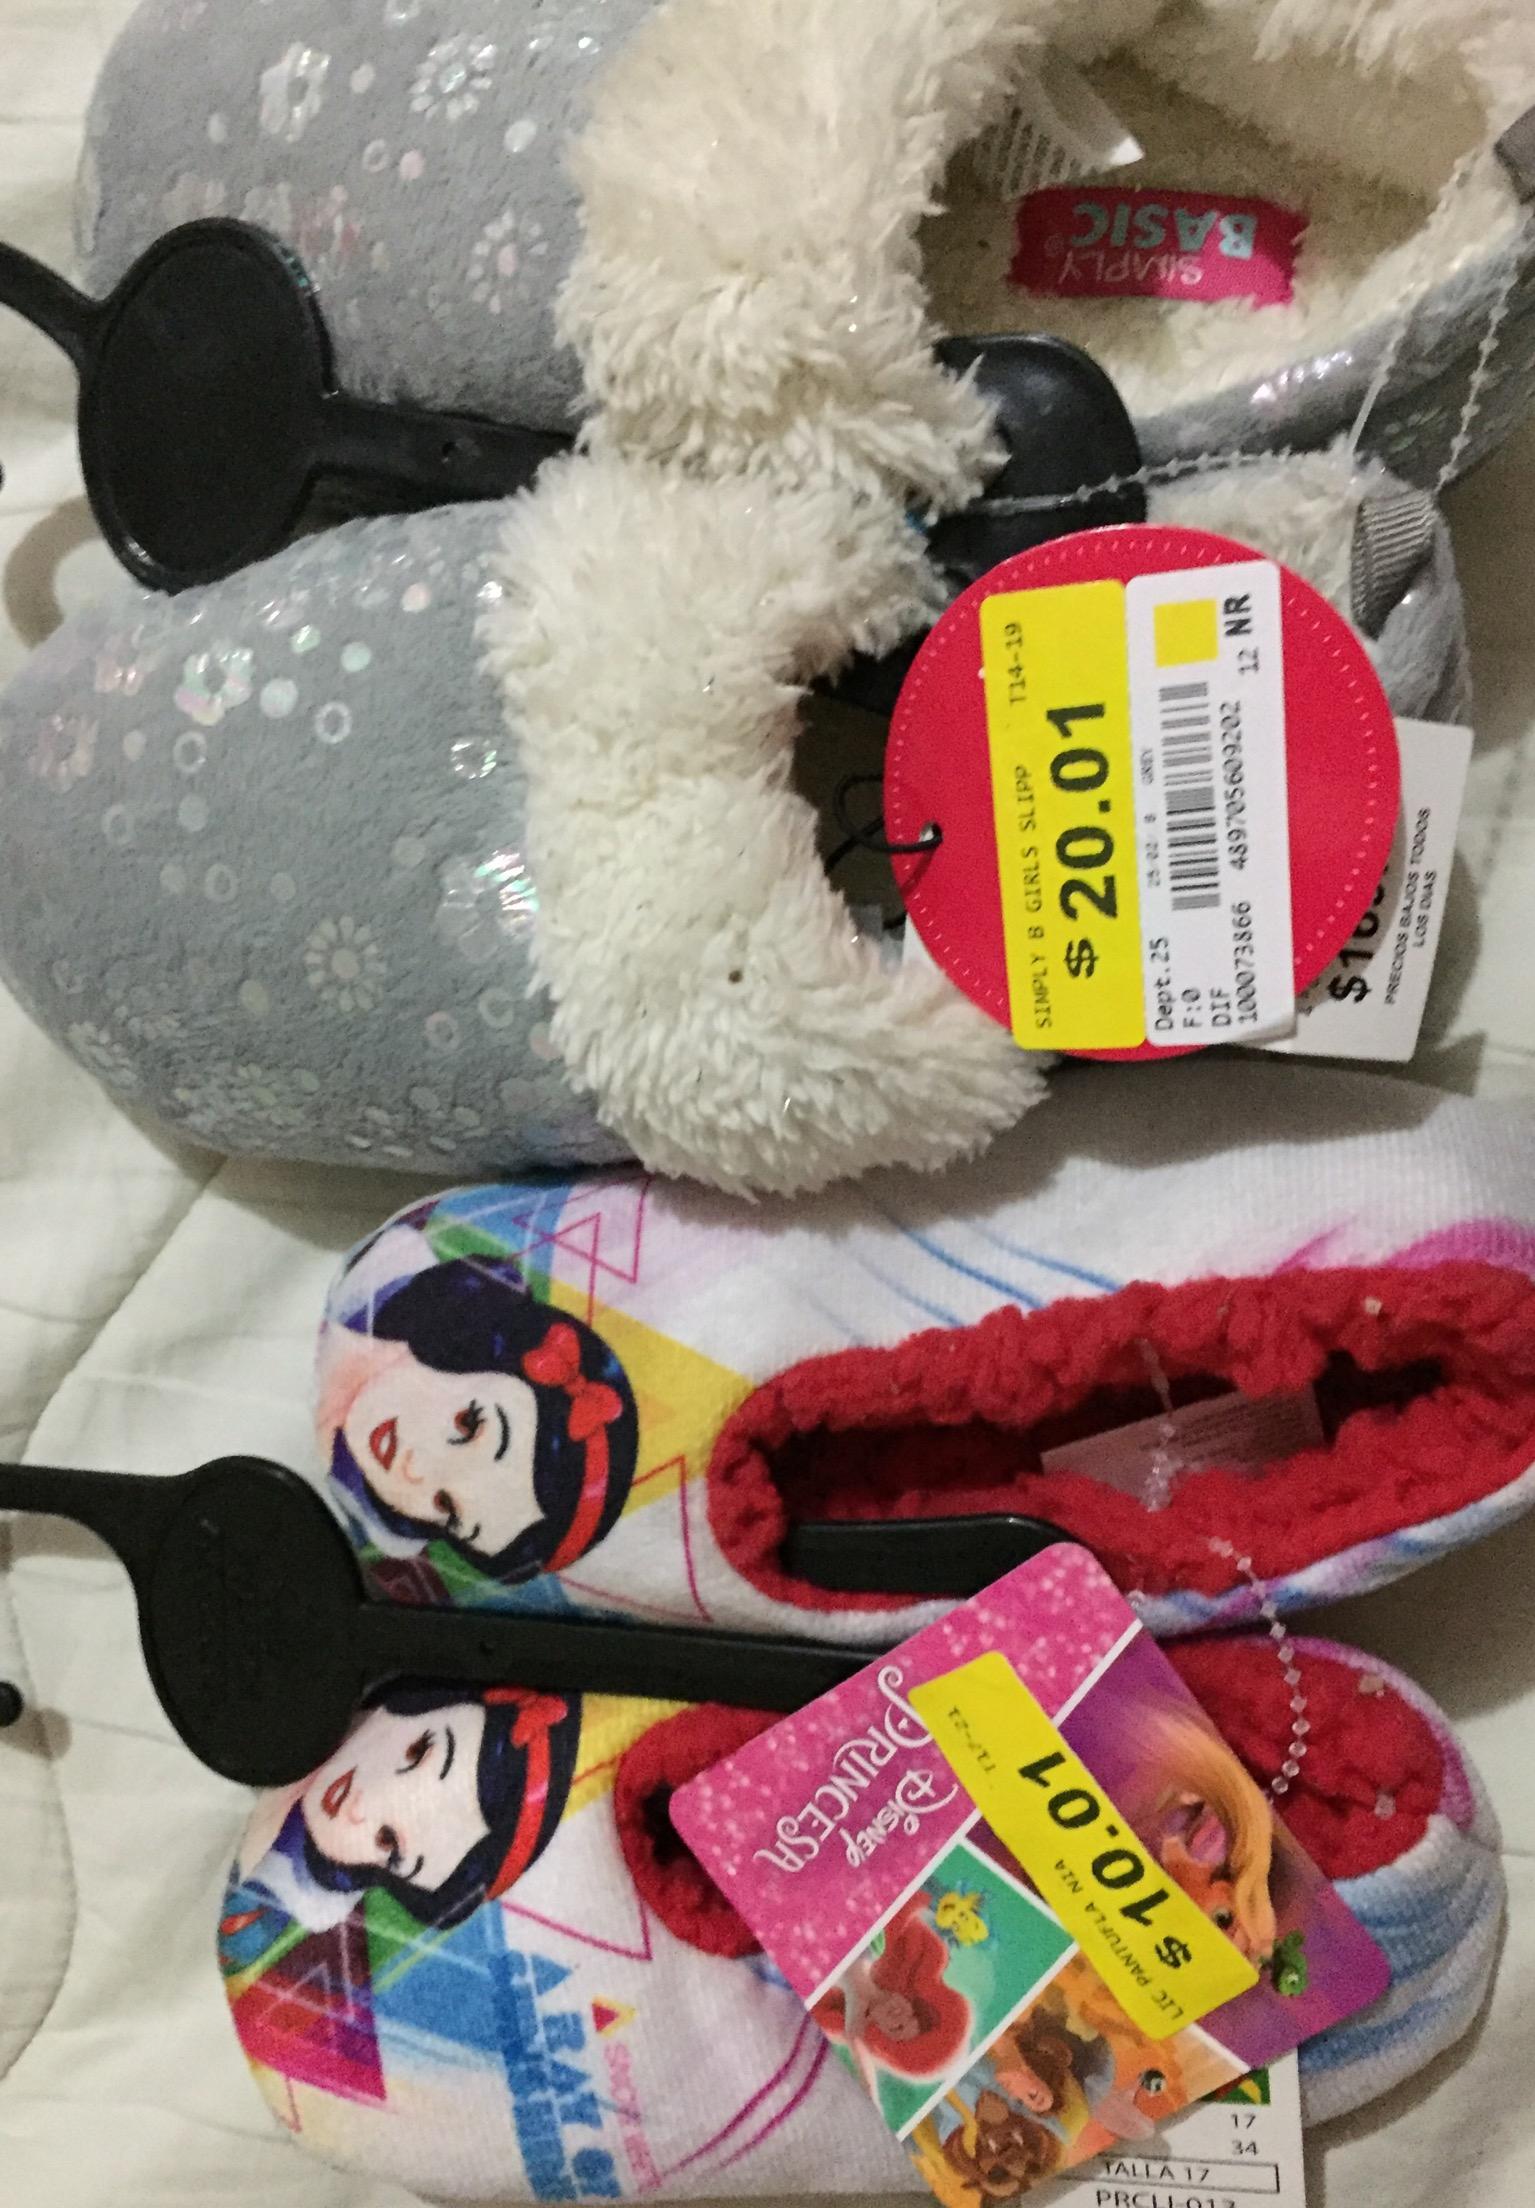 Bodega Aurrerá: pantuflas para niña en $10 y $20